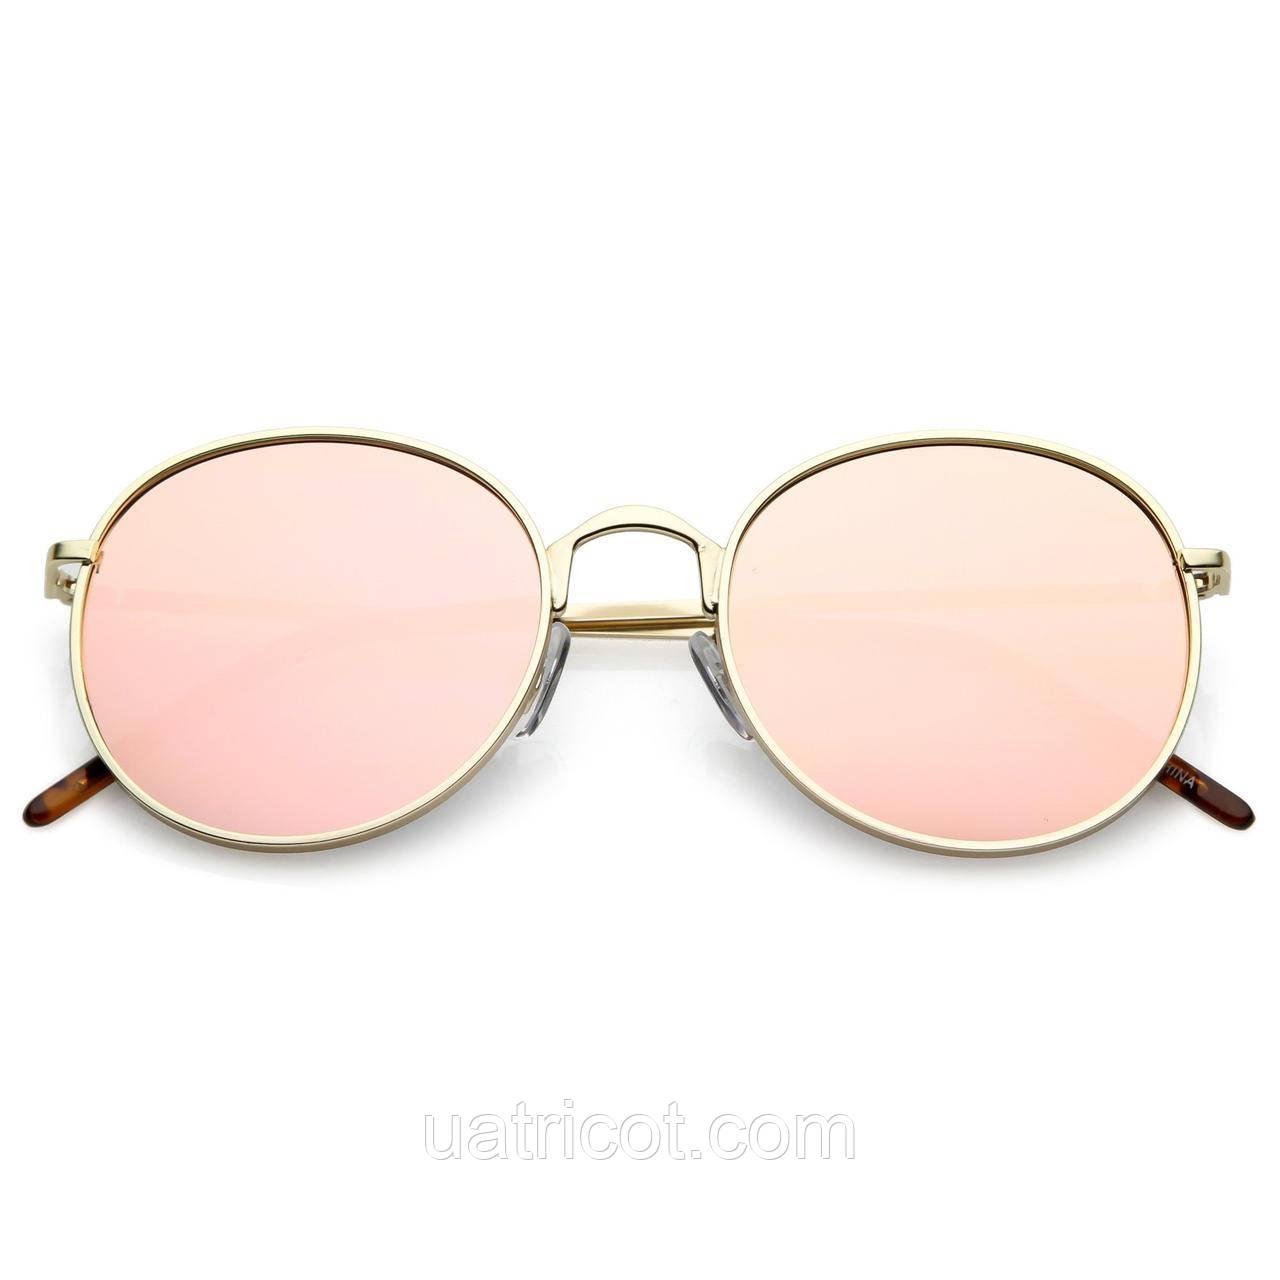 Женские круглые солнцезащитные очки Retro с розовой зеркальной линзой